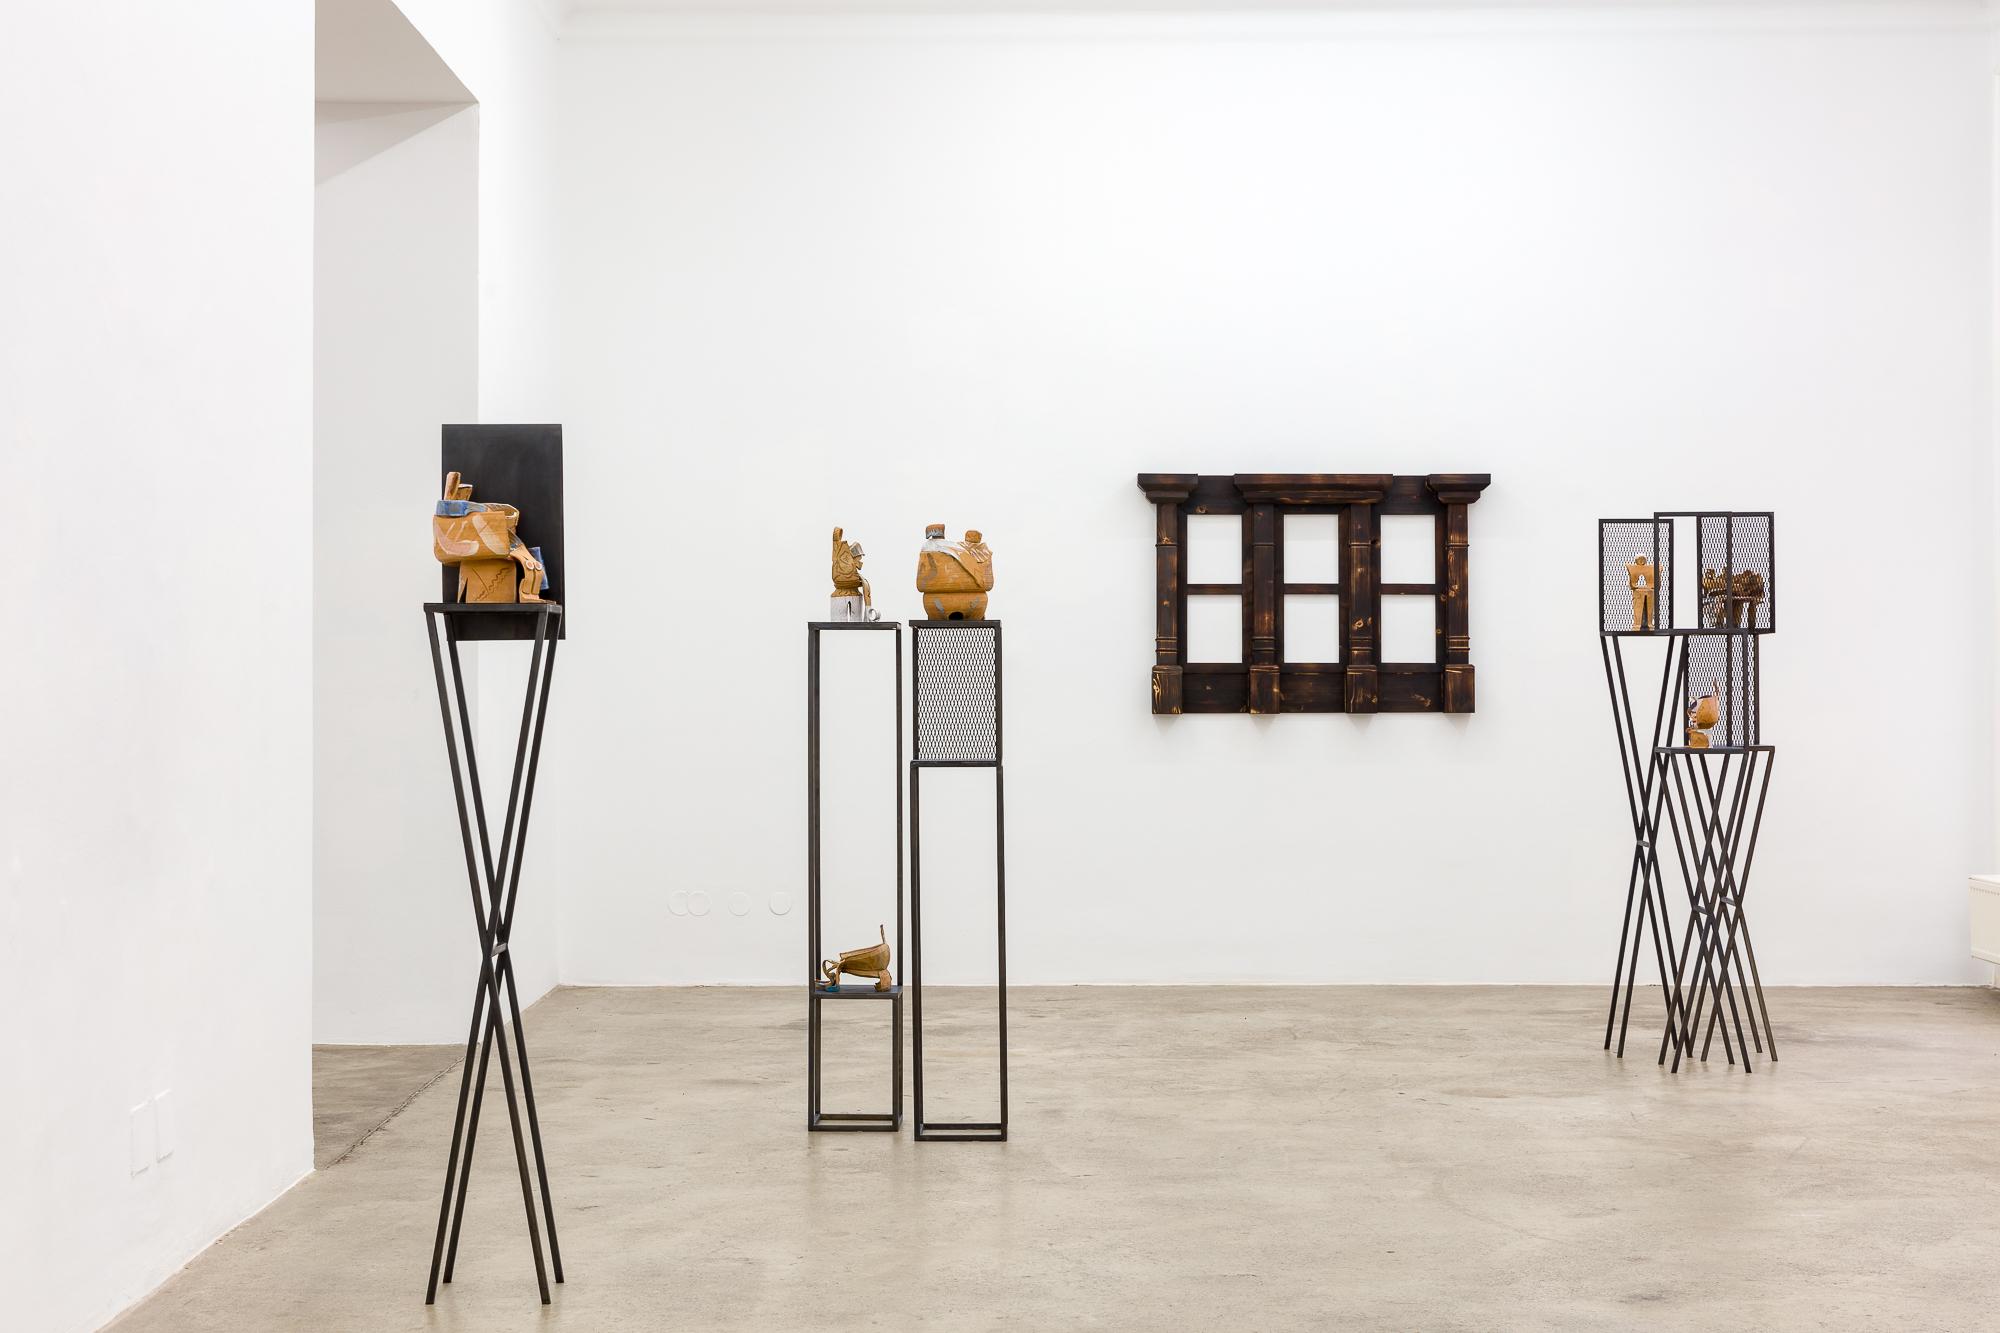 2019_01_24_Irina Lotarevich und Anna Schachinger_Sophie Tappeiner_by_kunstdokumentationcom_007_web.jpg